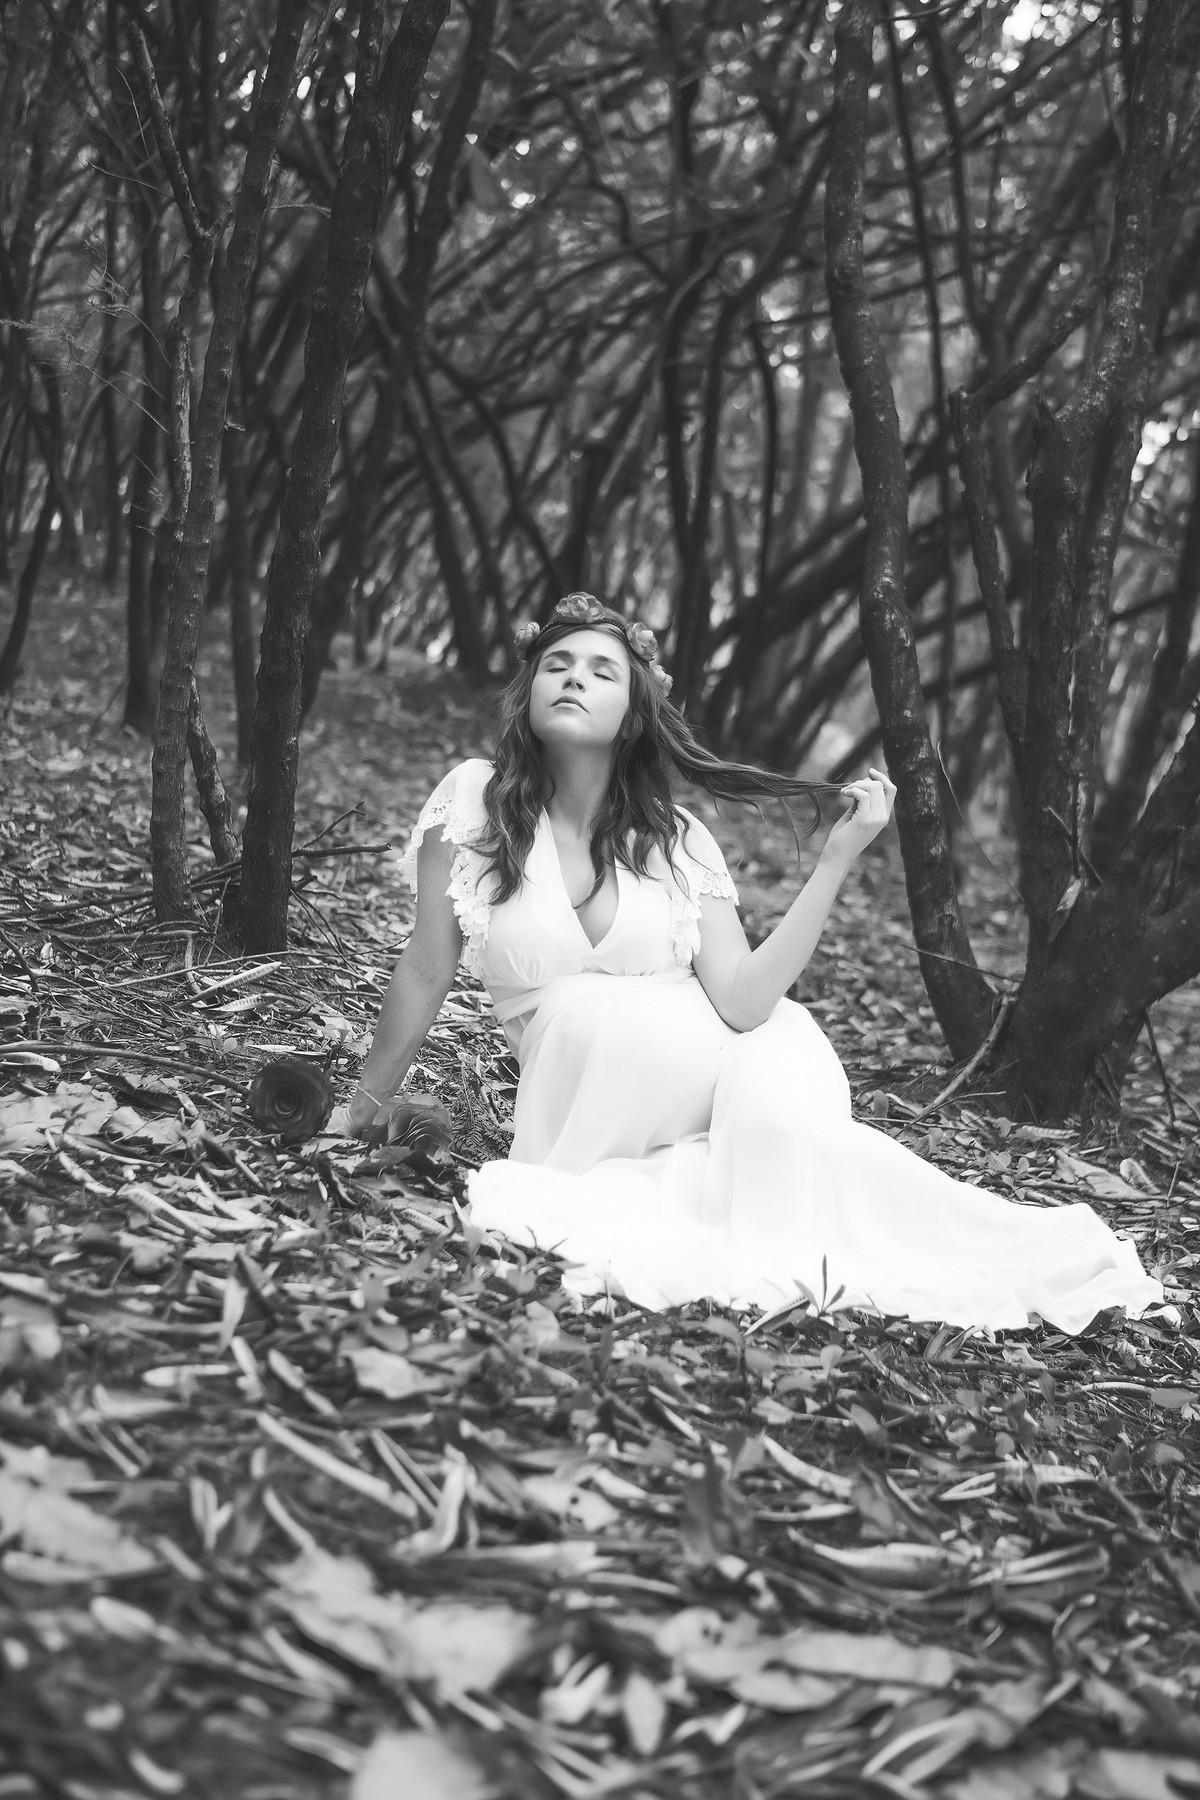 Grávida posando para ensaio fotográfico com vestido branco em floresta em Brasília-DF. Pregnant posing for photo shoot with white dress in forest in Brasilia-DF